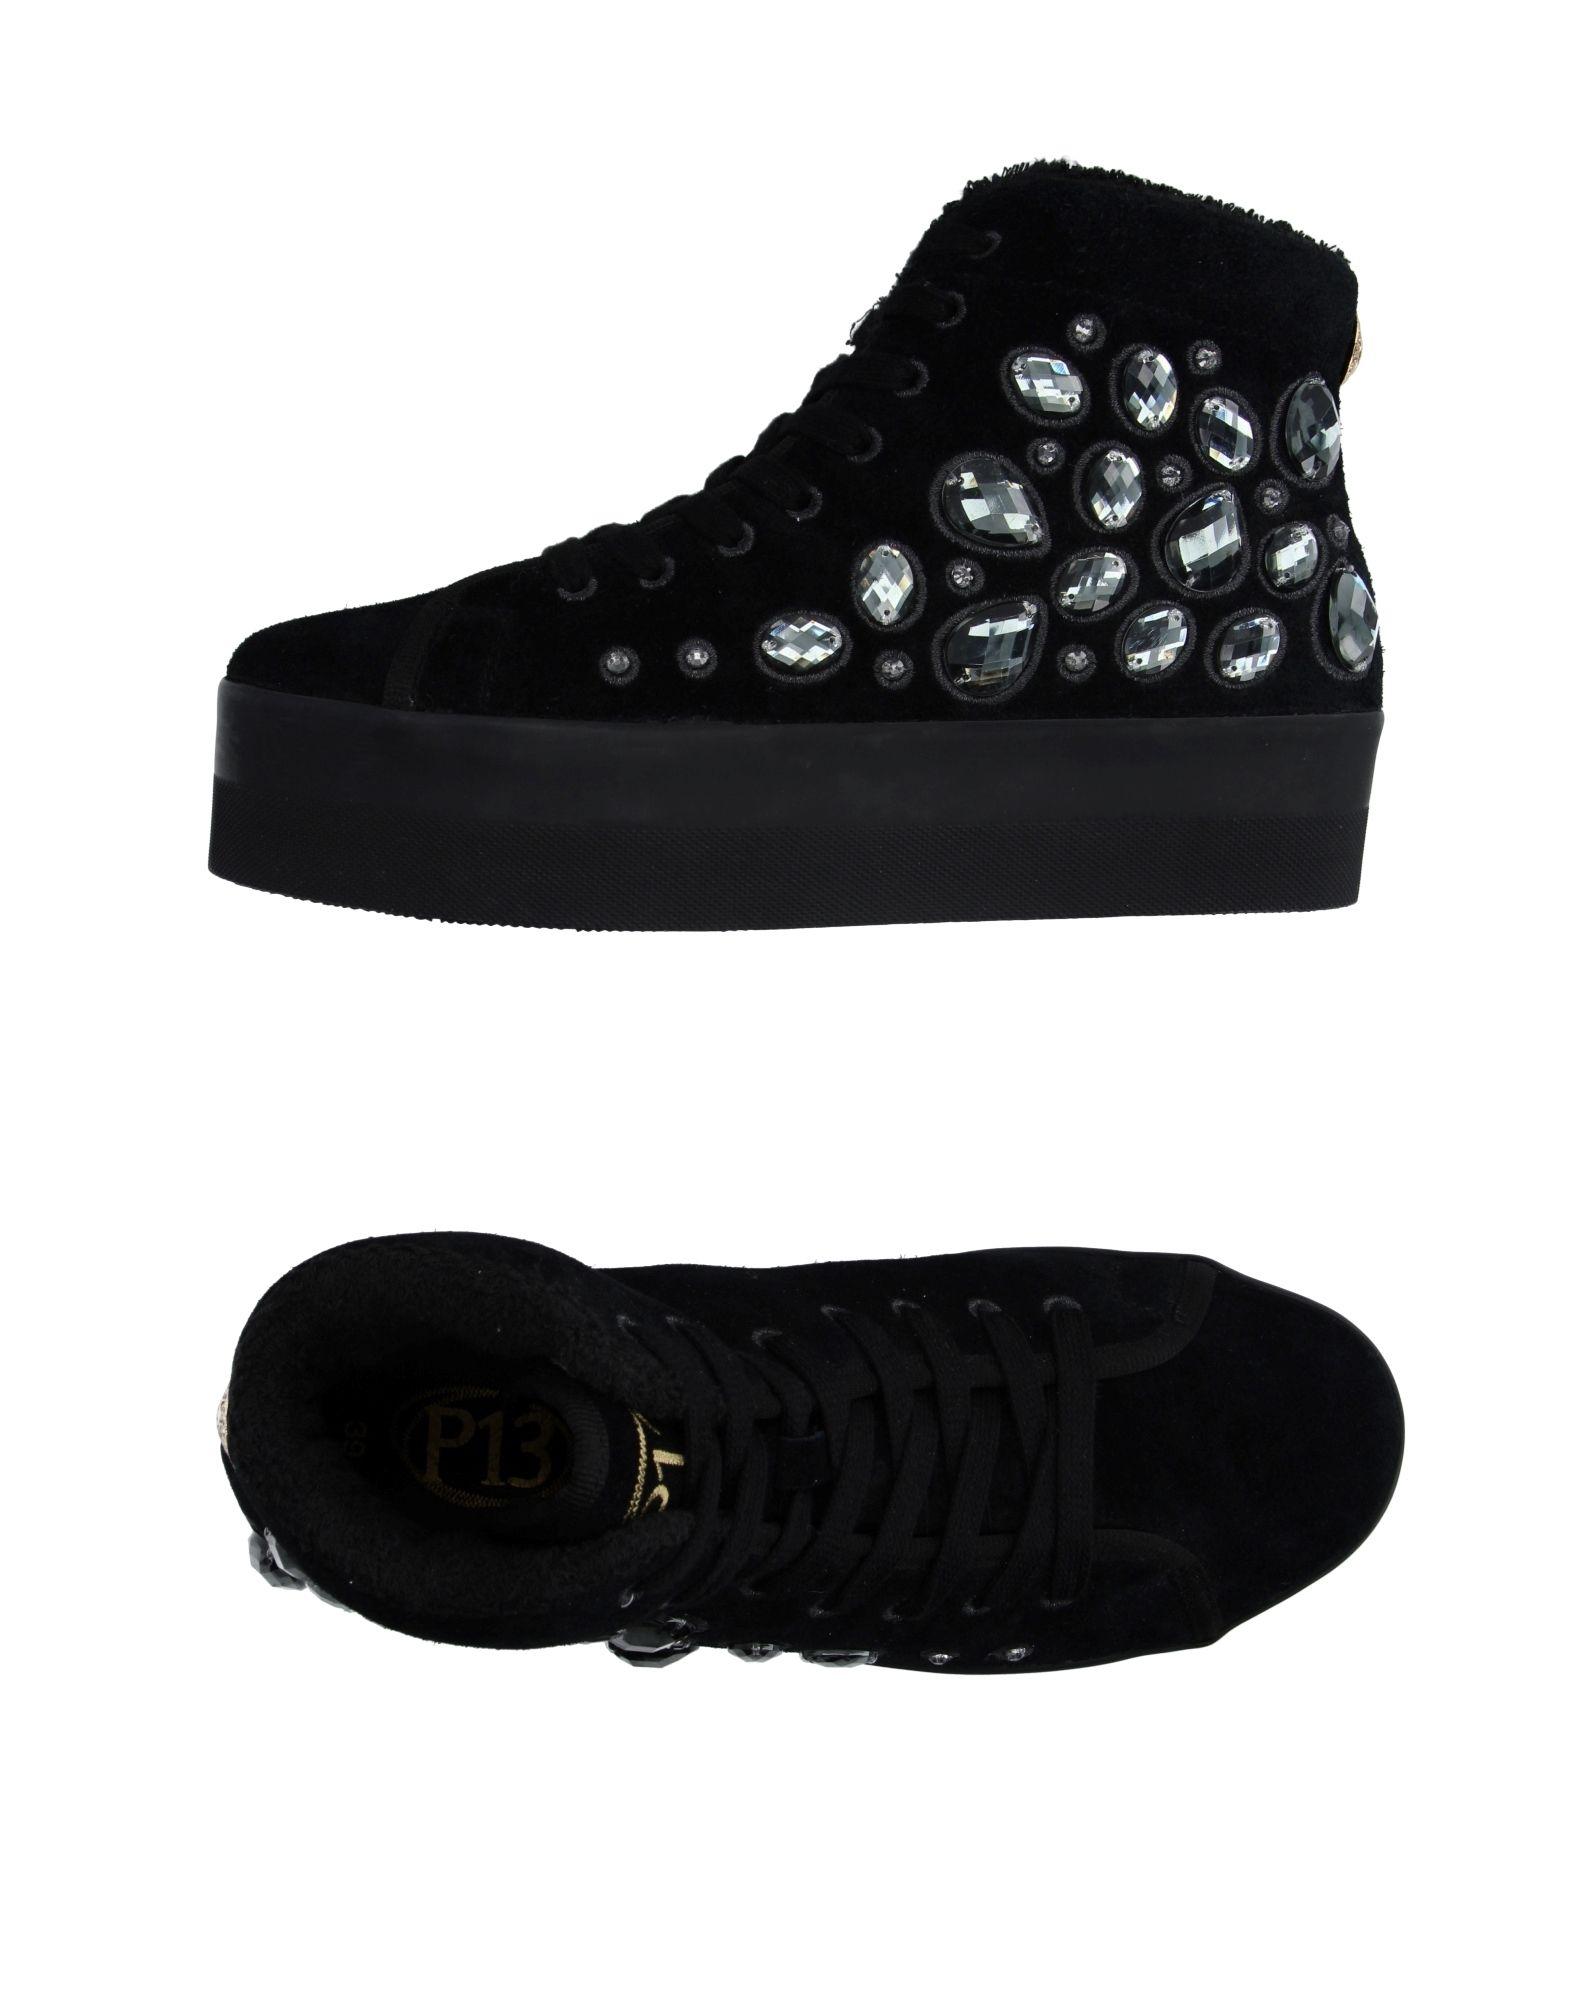 P13 Sneakers in Black